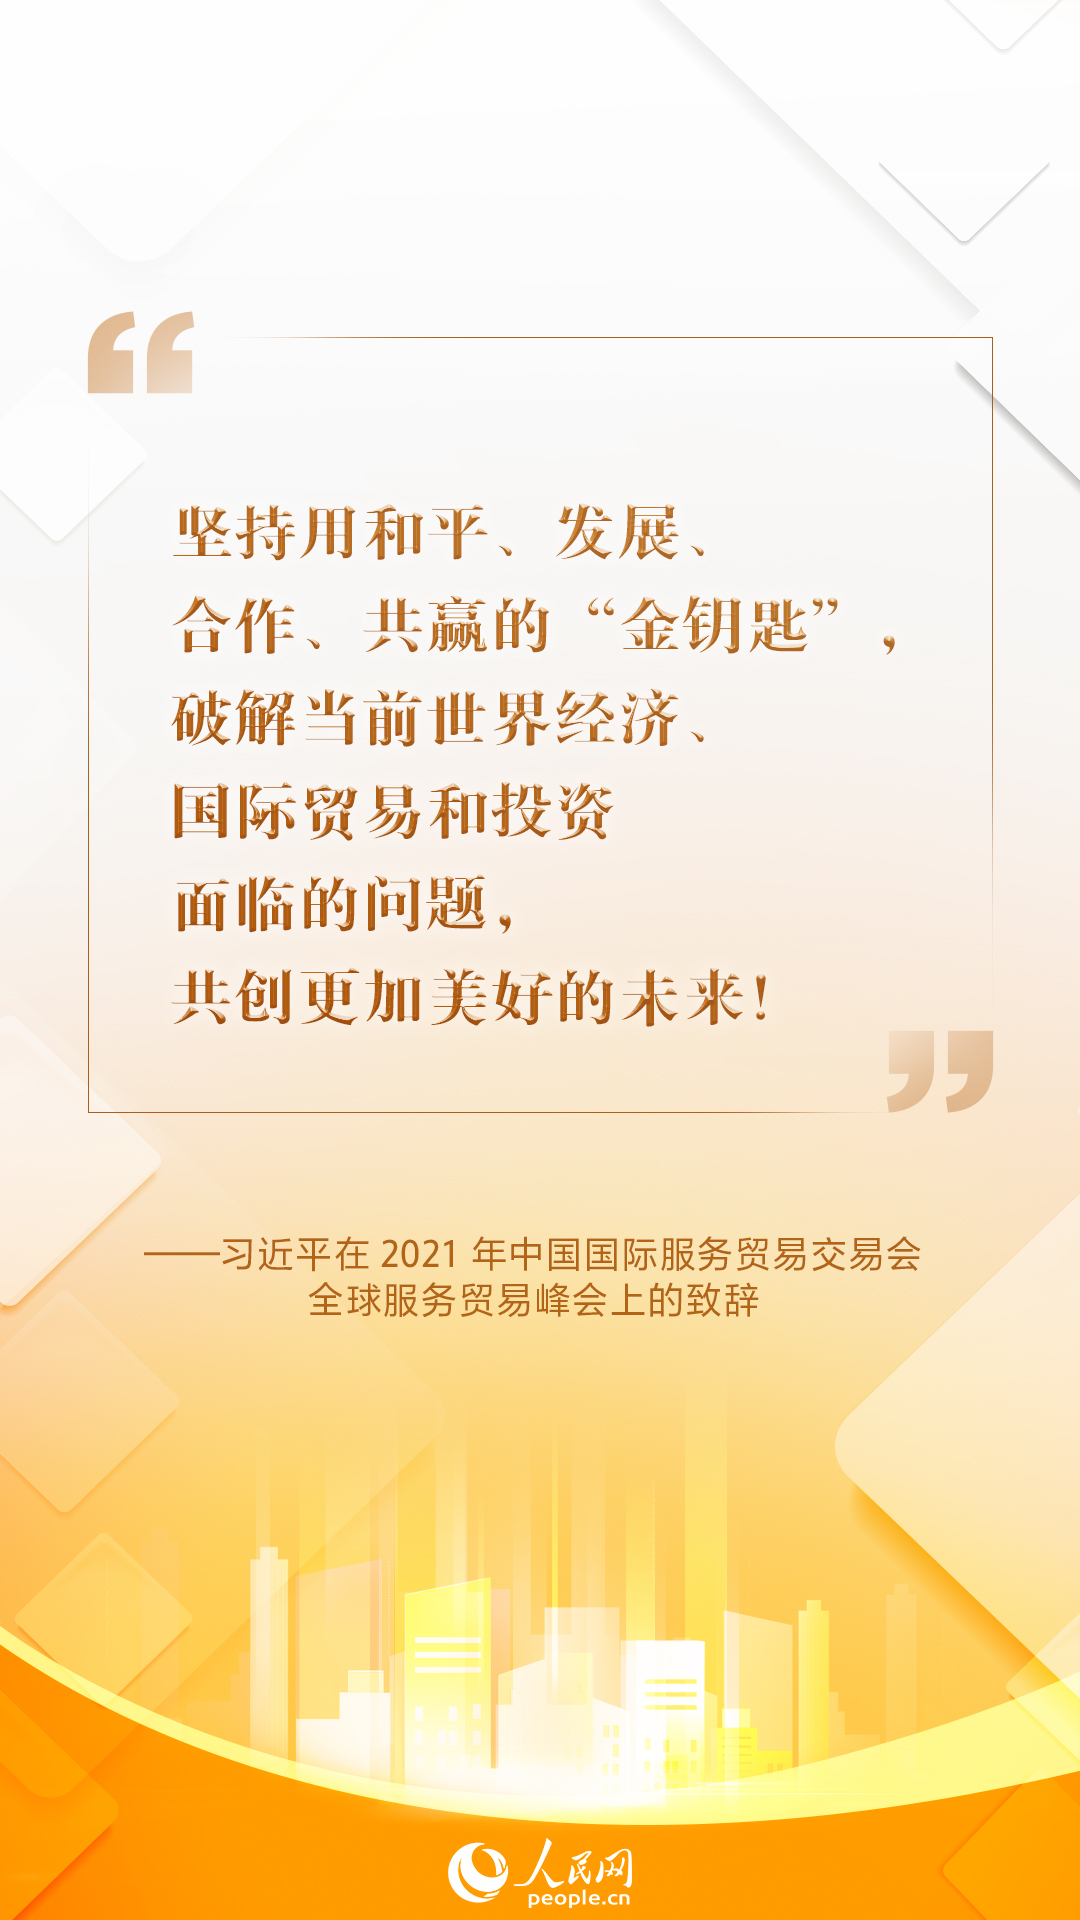 盛煌官方:要点来了!习近平在2021年中国国际服务贸易交易会上发表致辞(图6)